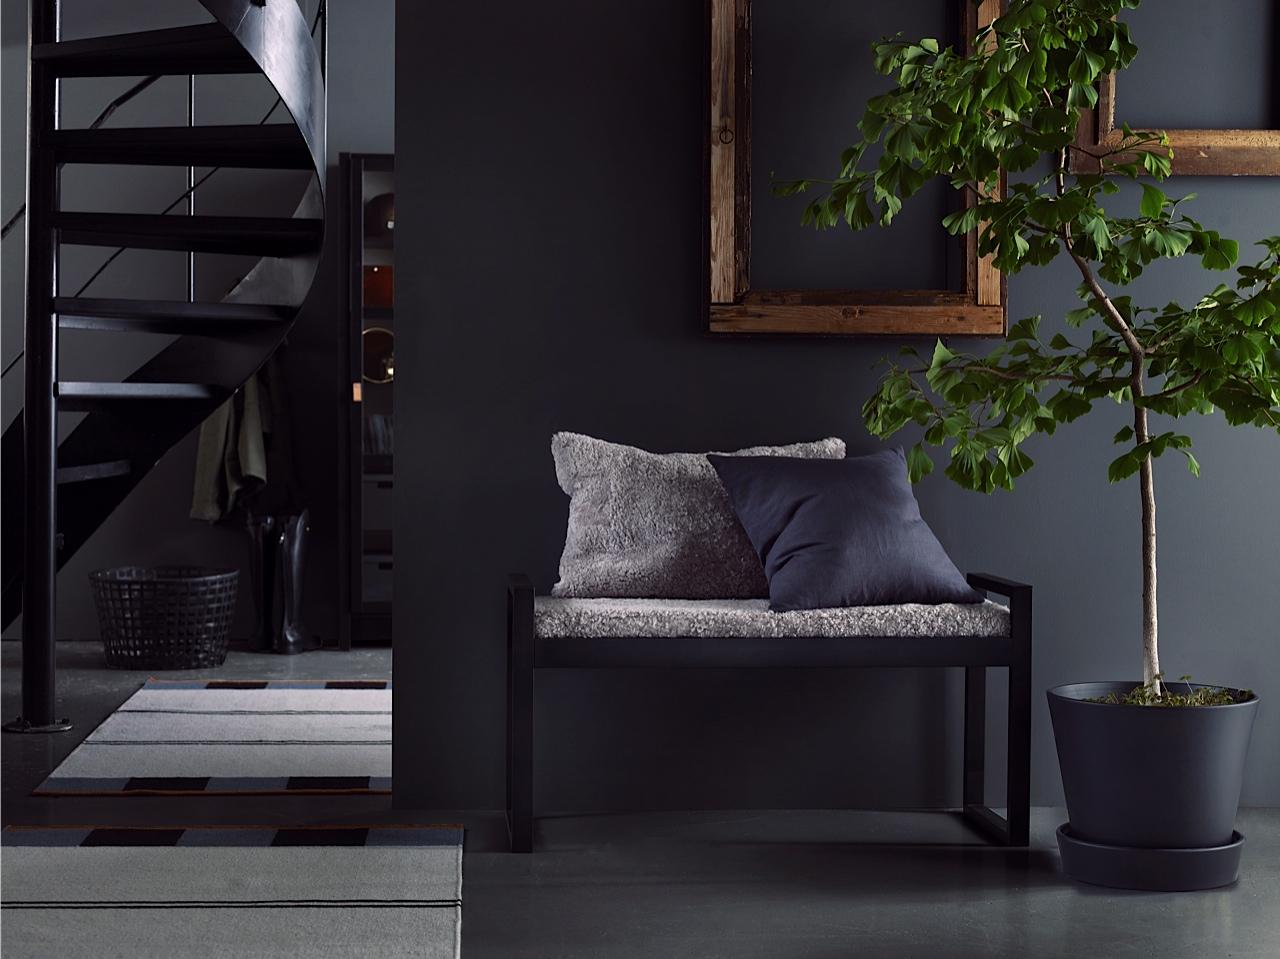 Inredningshjälpen IKEA BJÖRKSNäS u2013 säljstart i oktober!